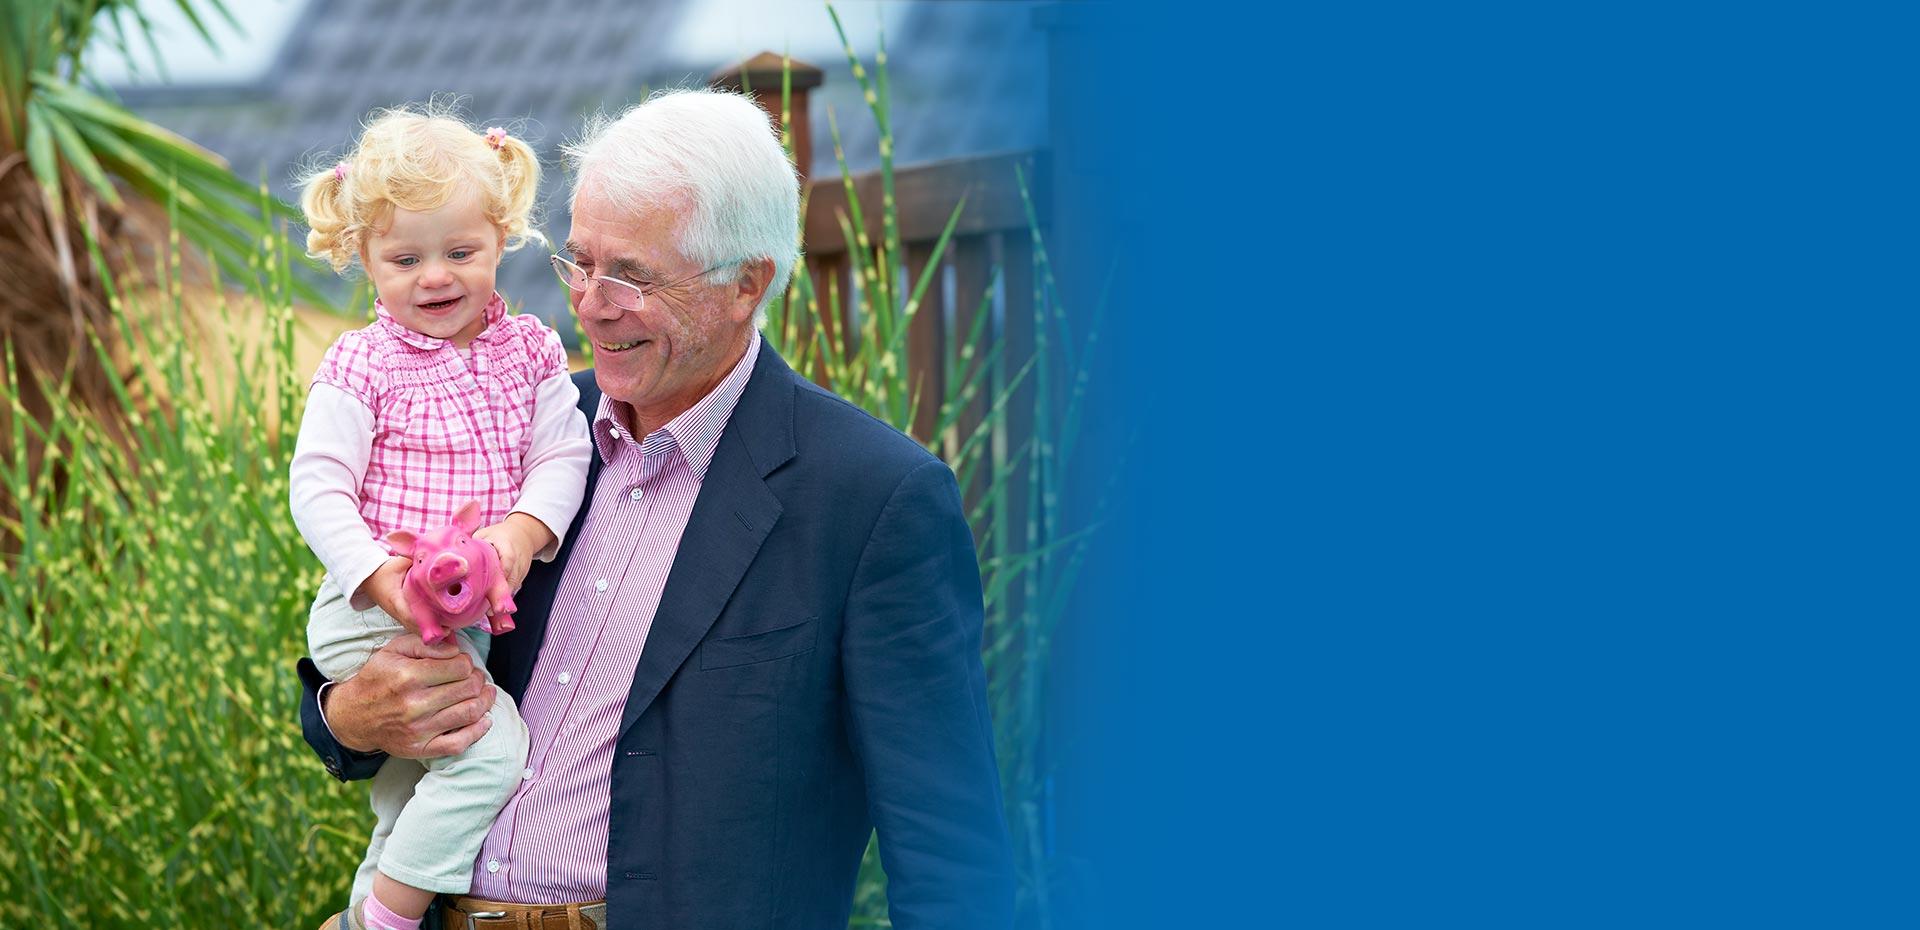 Opa hat Enkelin auf dem Arm, die ein rosa Schweinchen hält